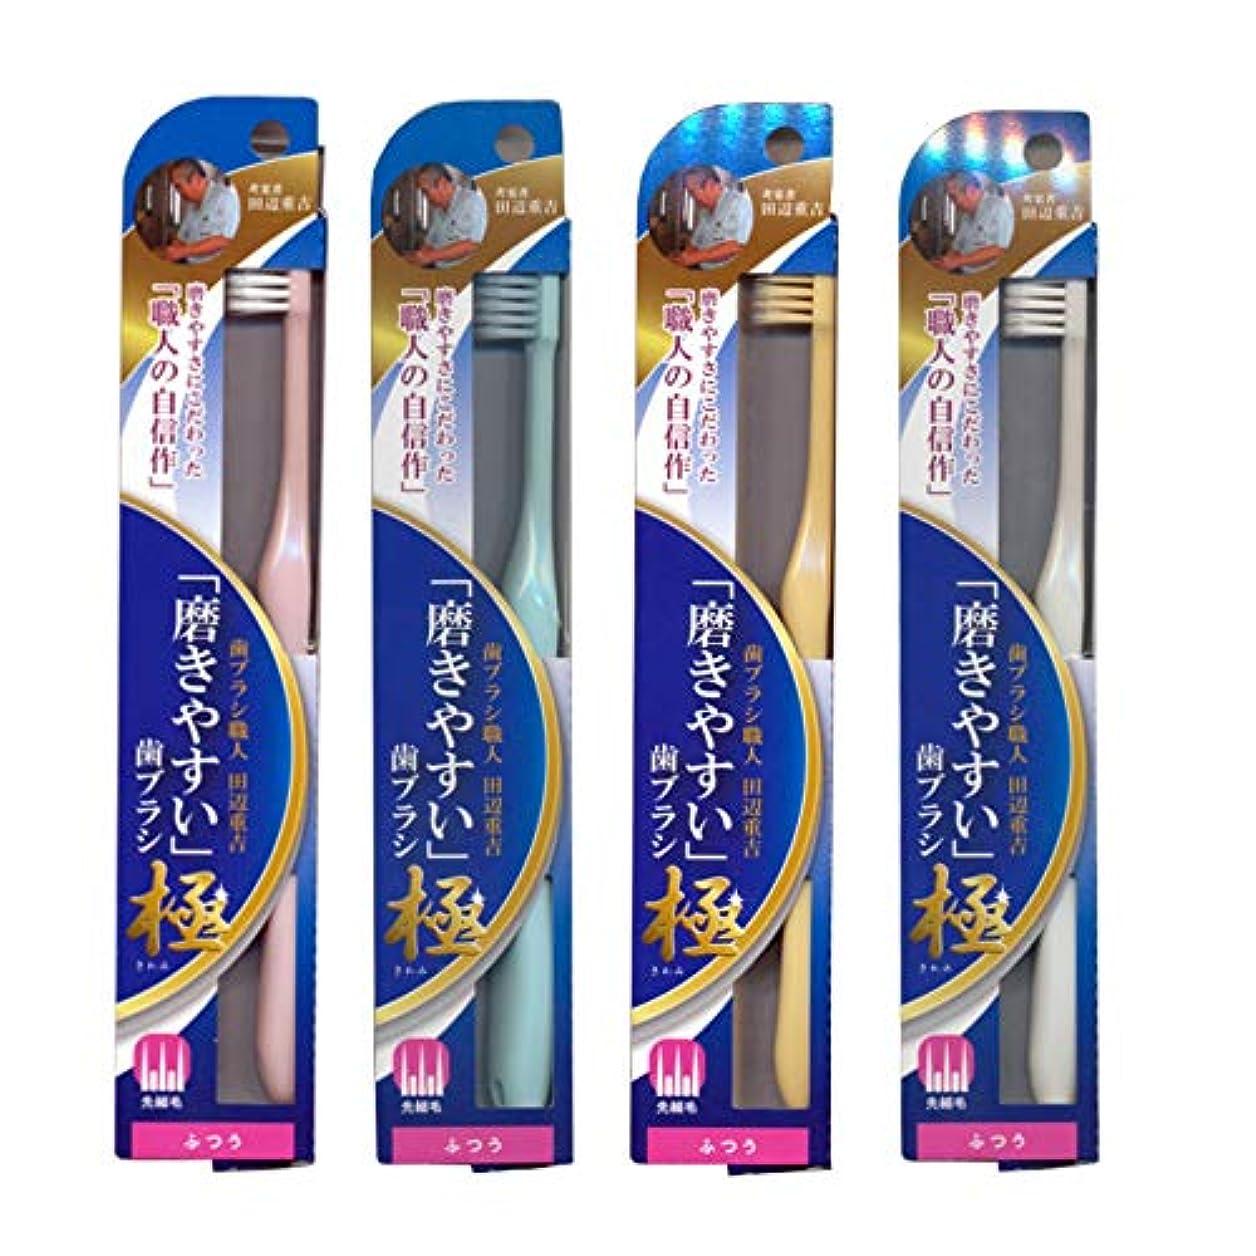 過言形式重要性磨きやすい歯ブラシ極 (ふつう) LT-44×4本セット(ピンク×1、ブルー×1、ホワイト×1、イエロー×1)先細毛